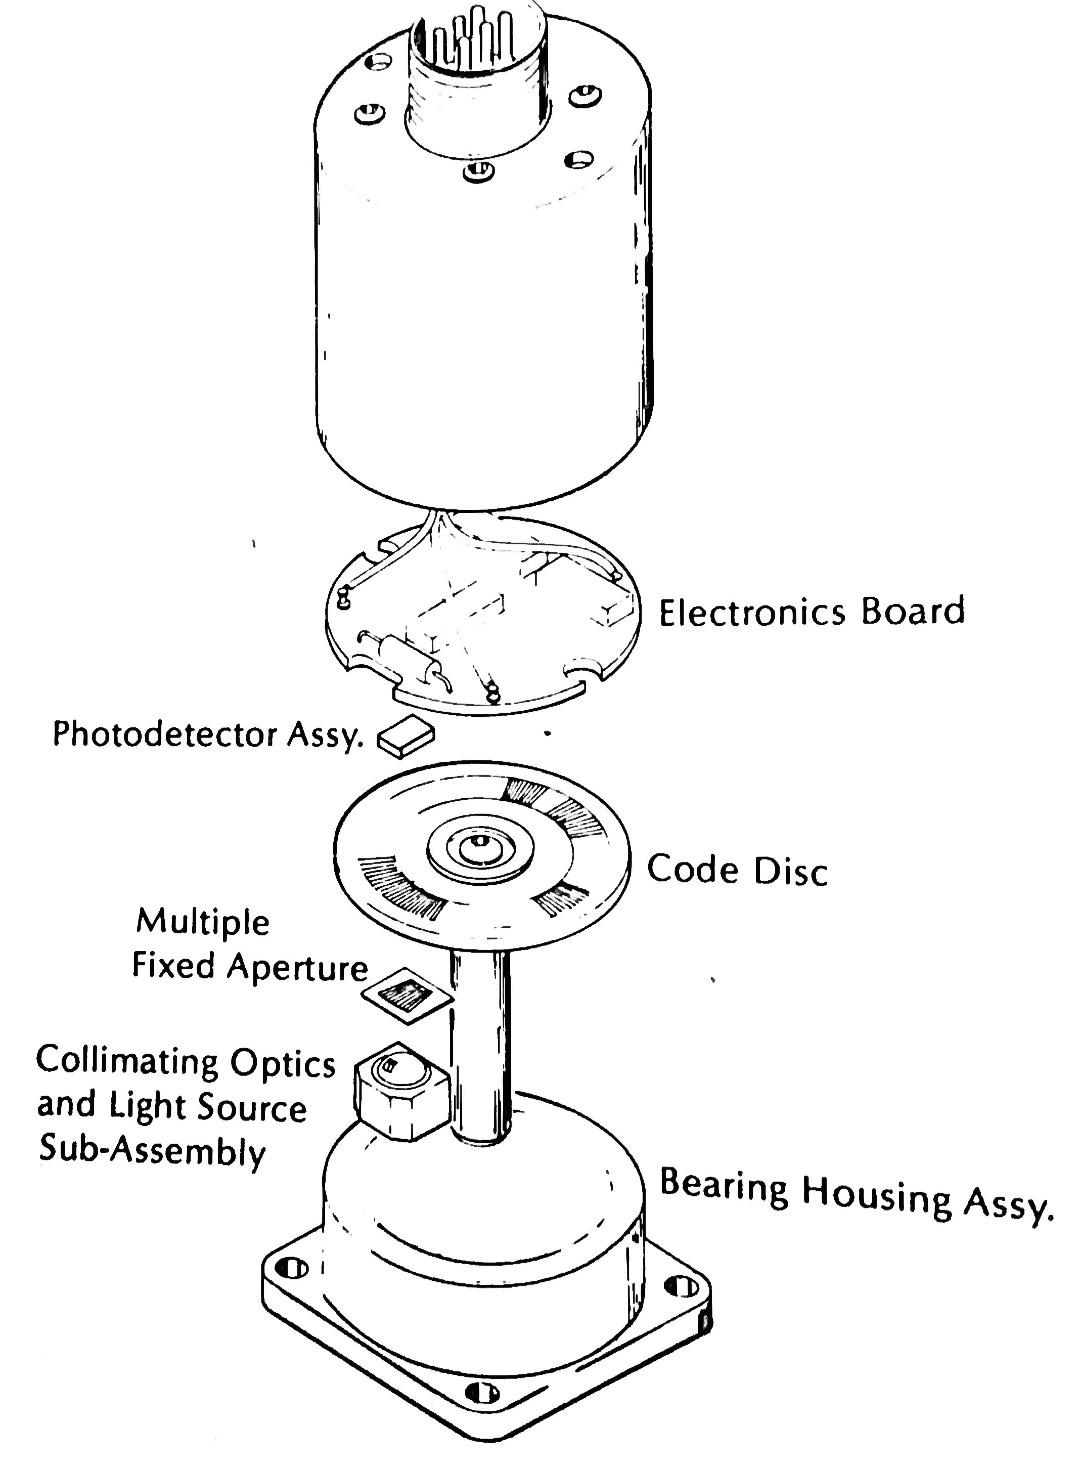 قسمت های مختلف مبدل نوری